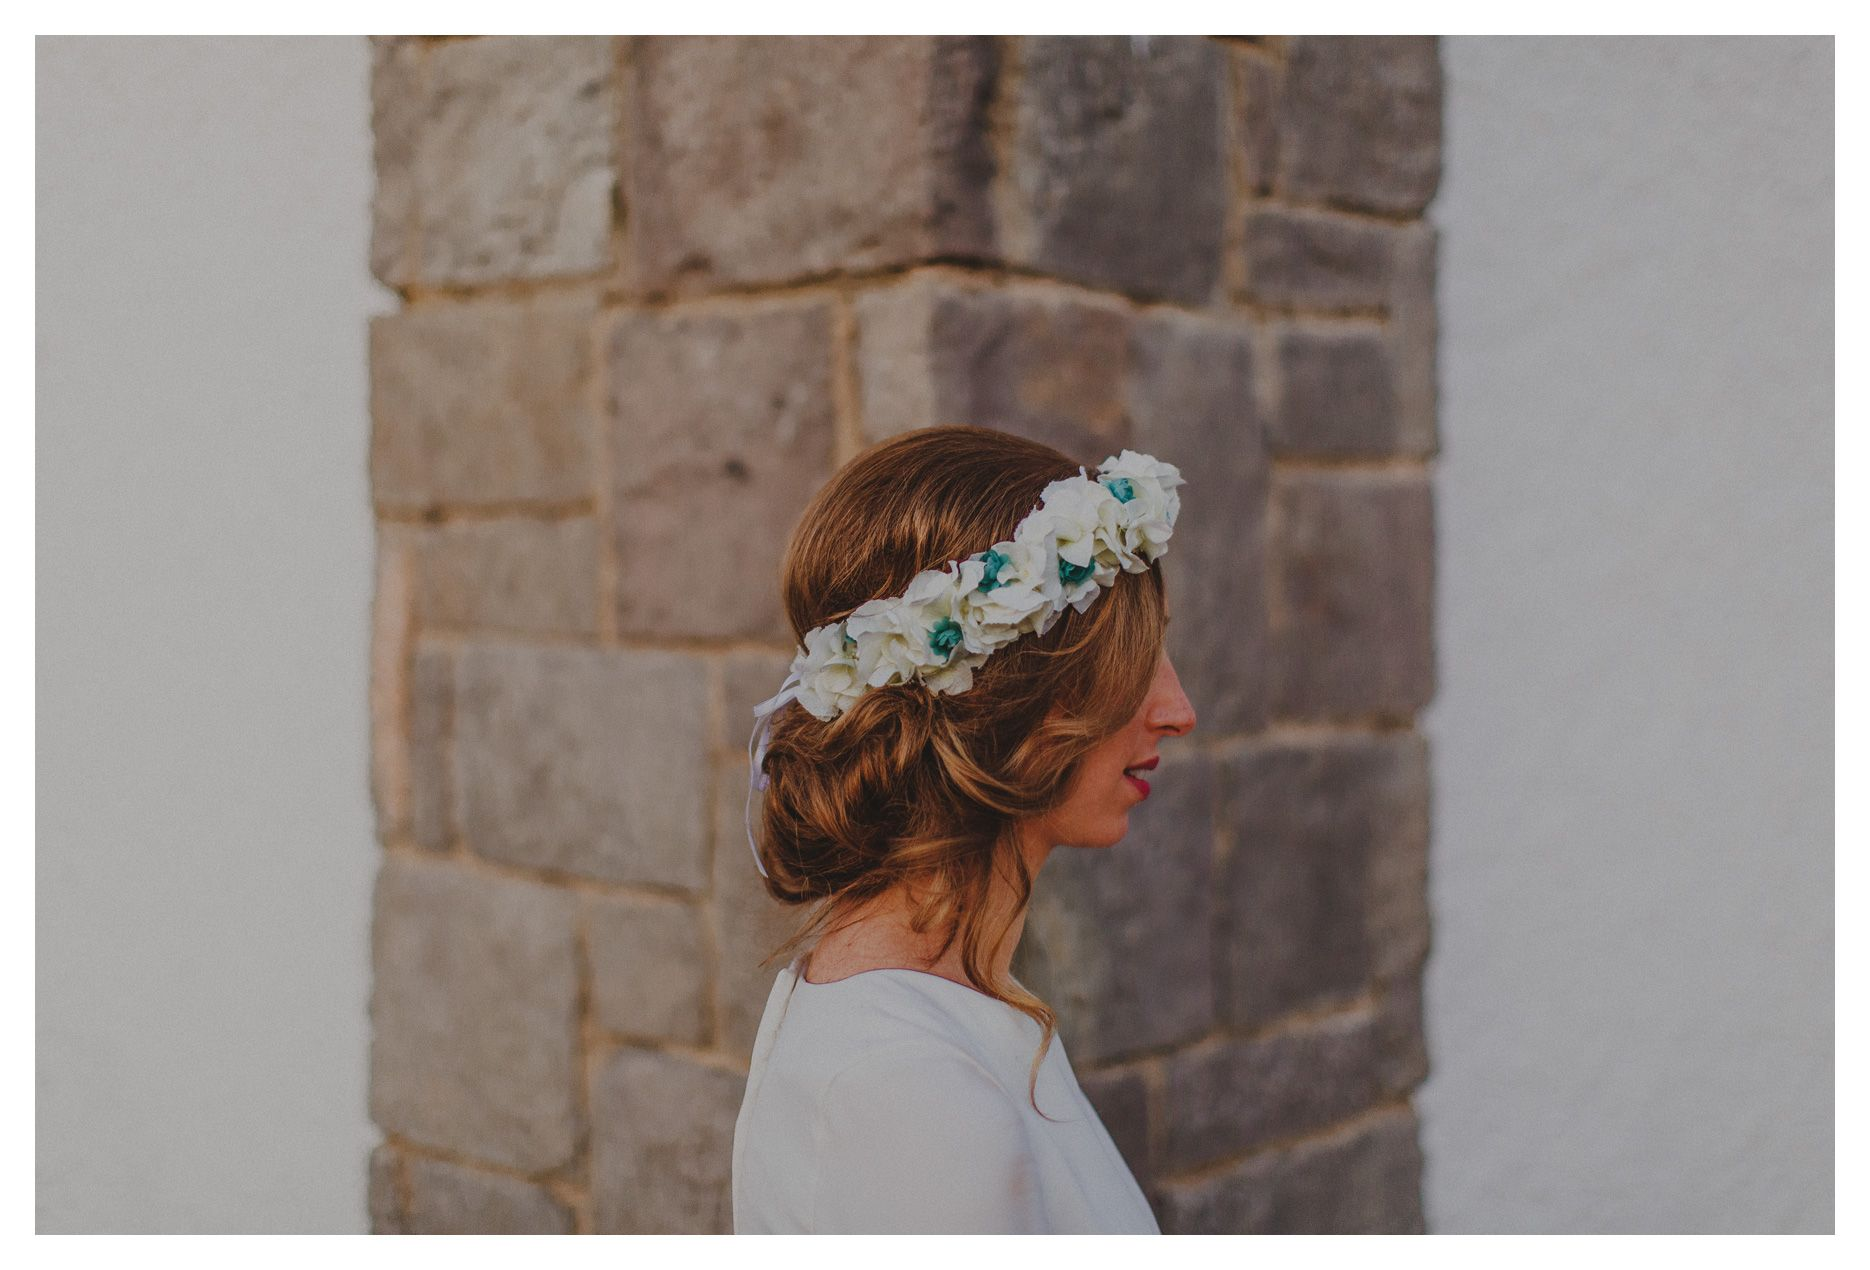 People Producciones · Fotógrafos de bodas · Boda en Zaragoza · Spain · Fotos de boda · Novia · Bride · Reportaje de boda · Just married · Retrato · Portrait · Tocado de novia · Headdress · Floral crown · Wedding · Preparativos · Getting ready · Indie bride · Indie wedding